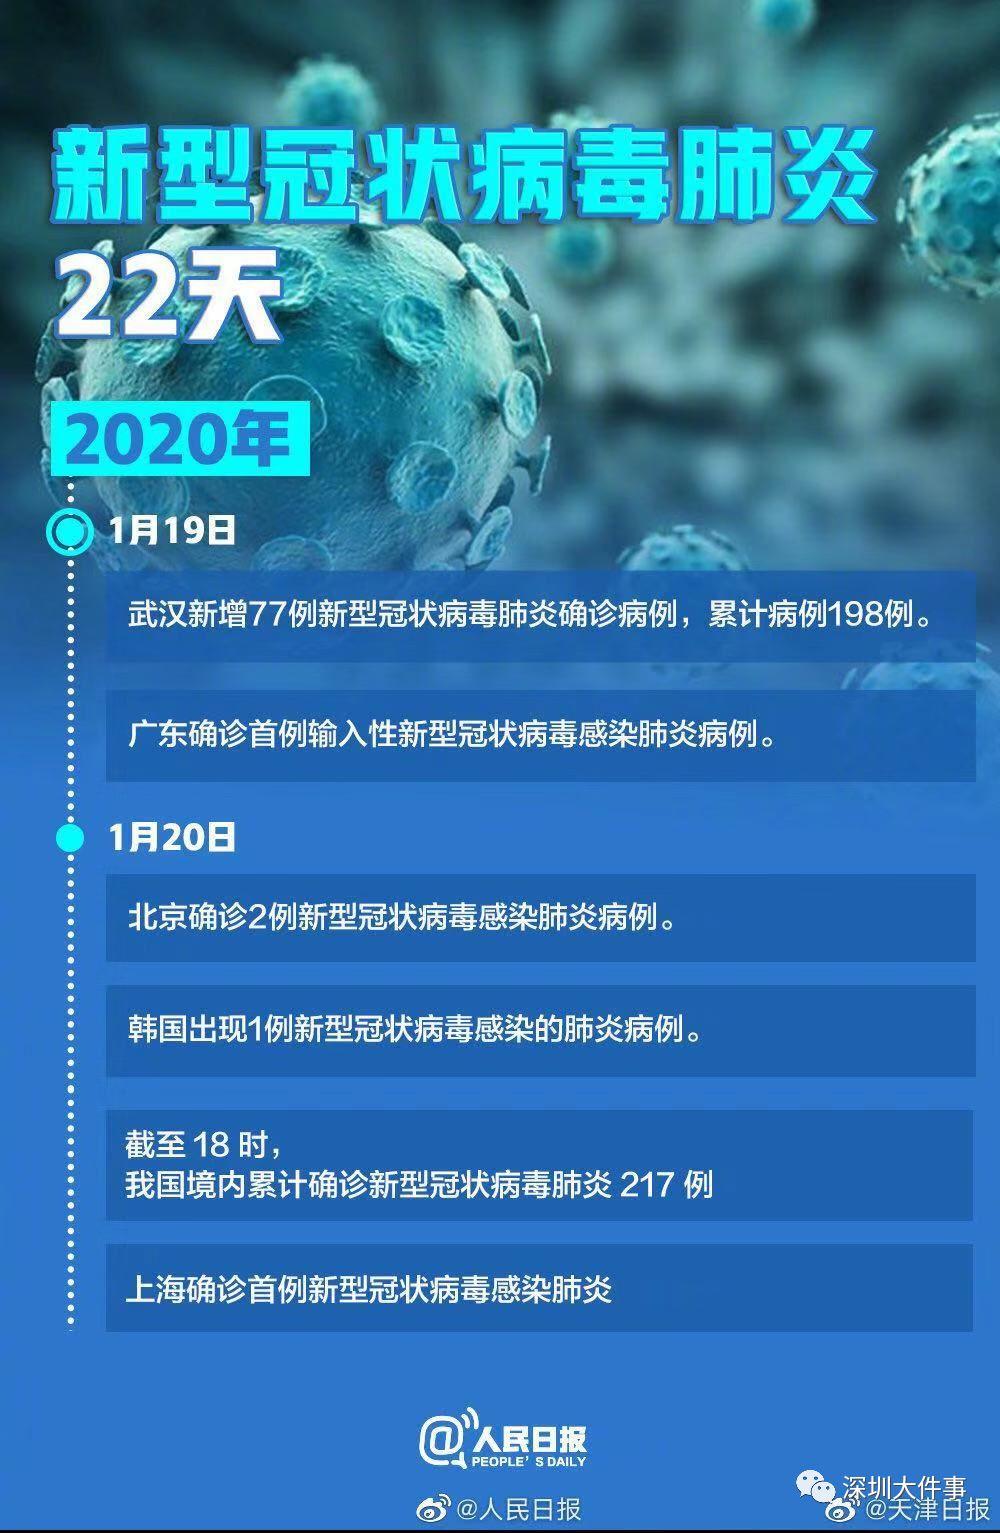 钟南山:新型肺炎肯定有人传人现象,戴口罩有用插图16